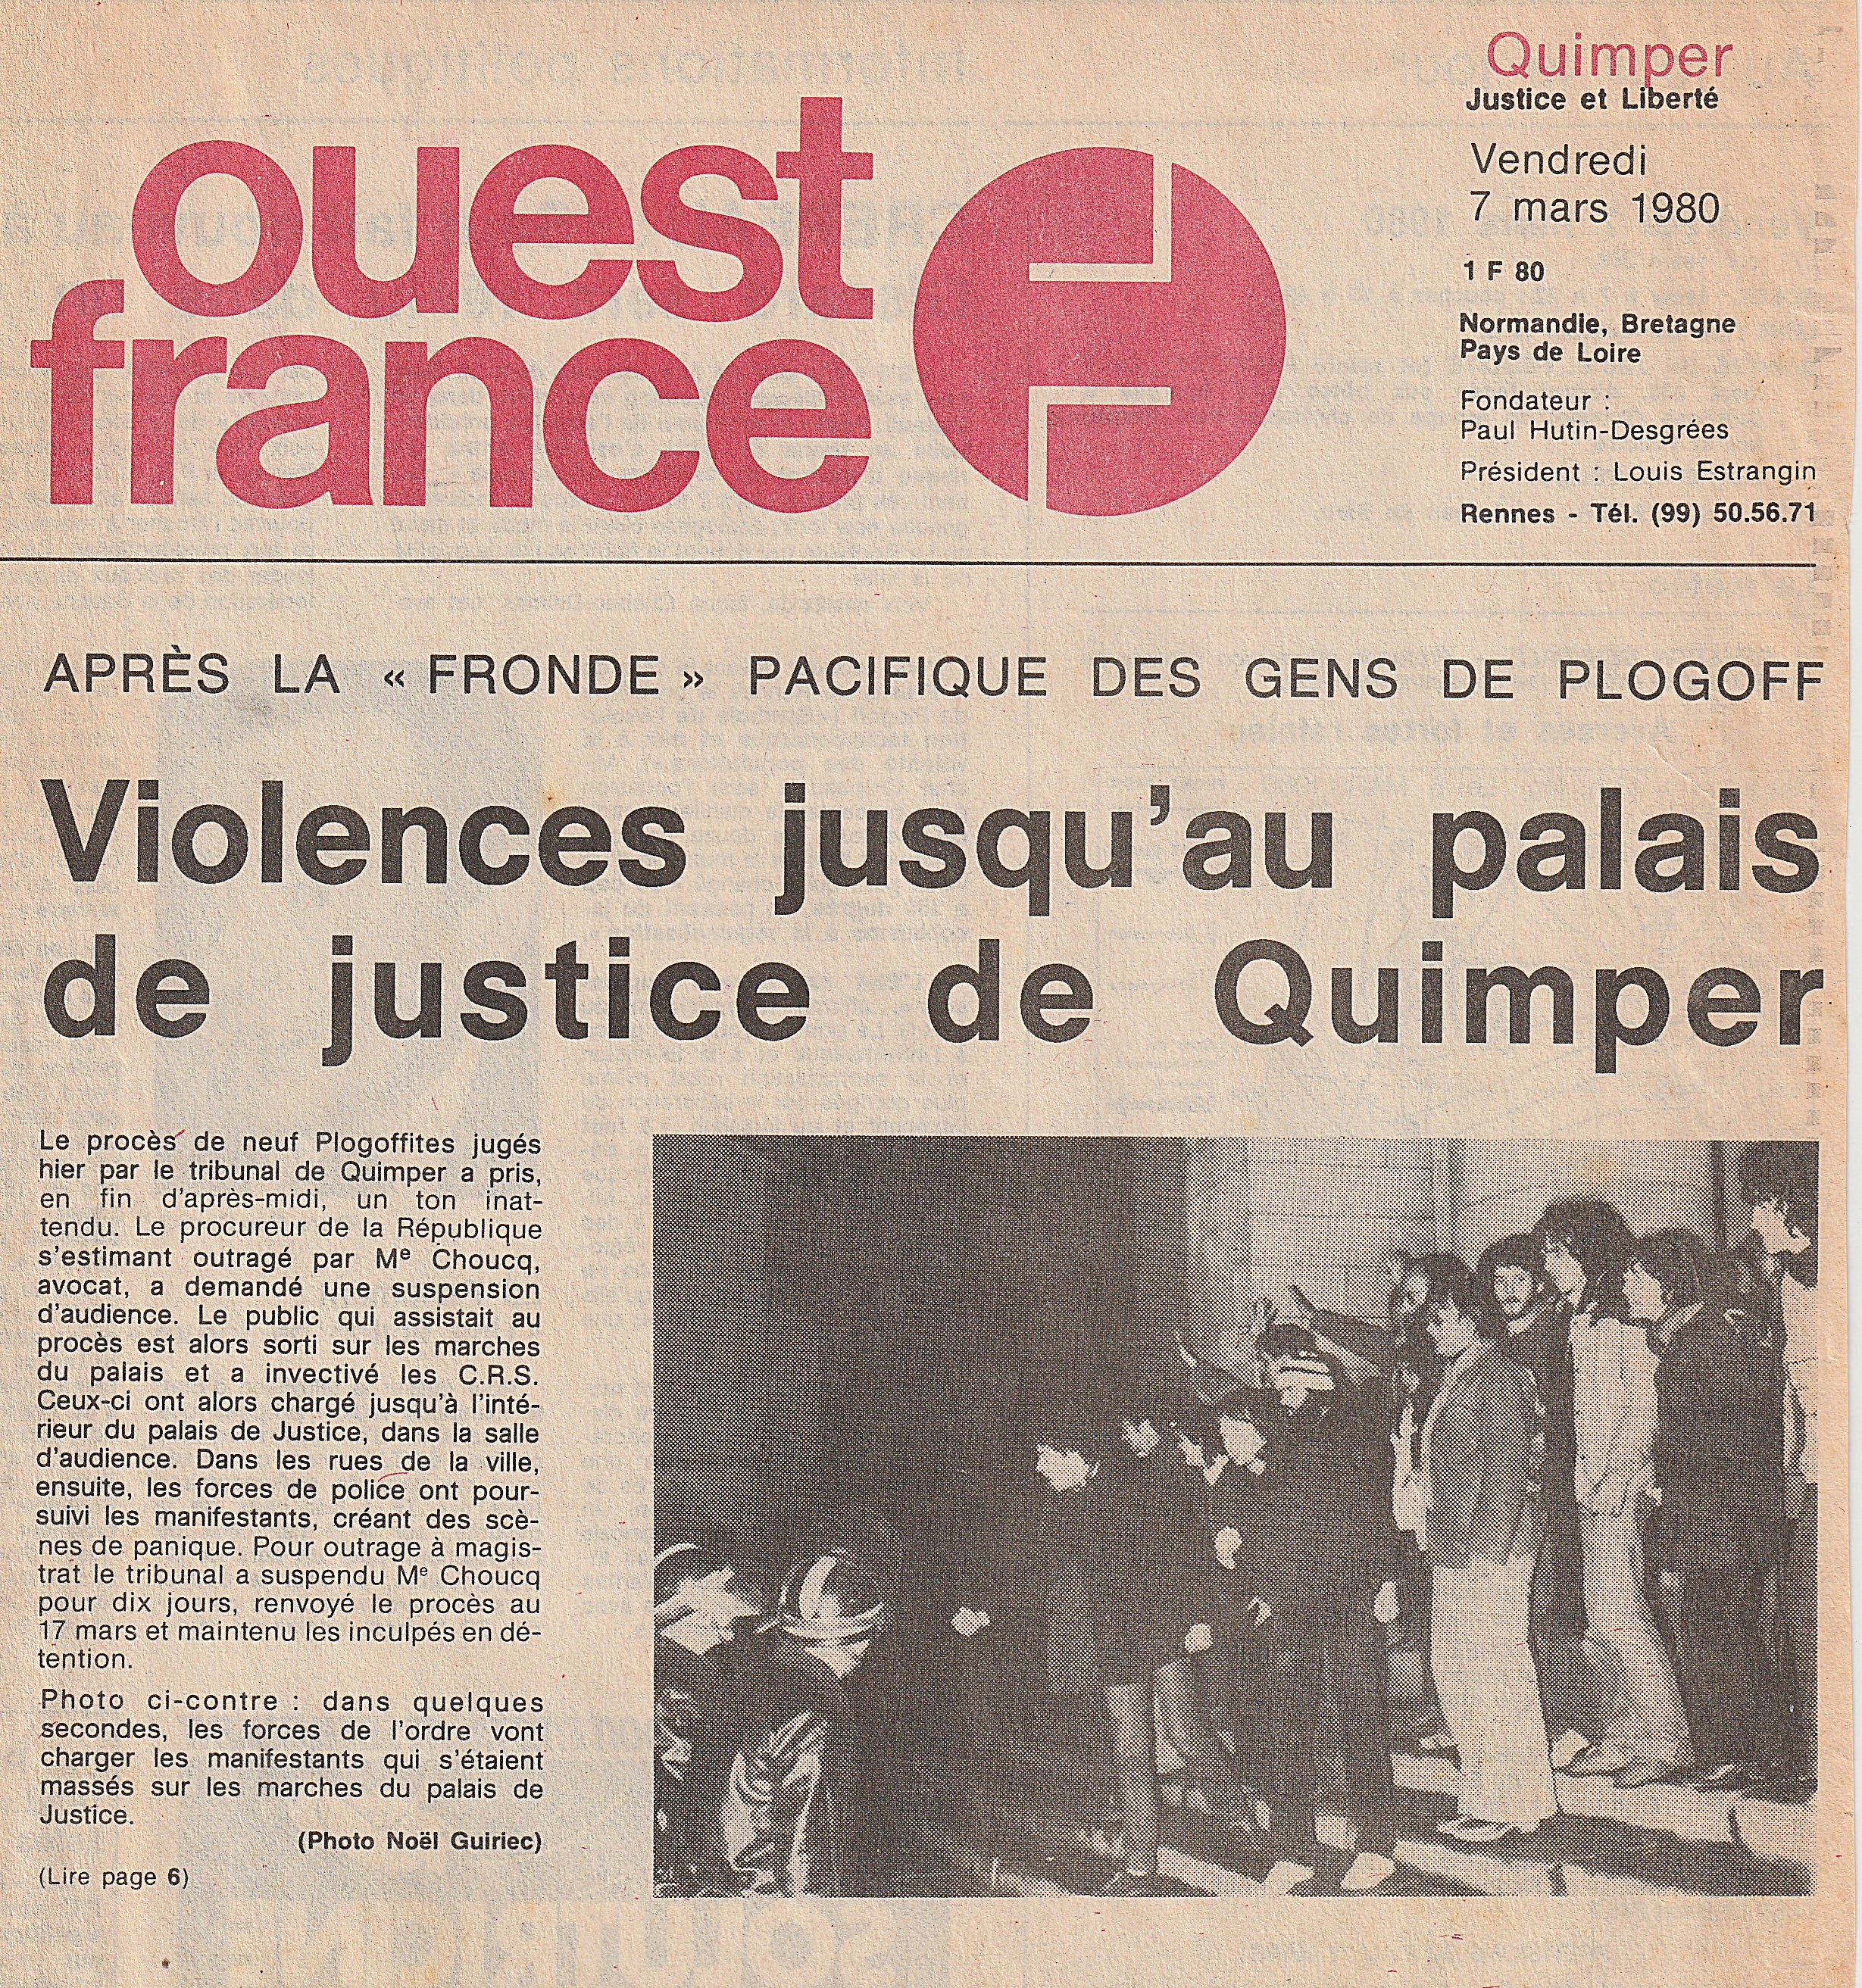 Violences palais de justice de Quimper 7